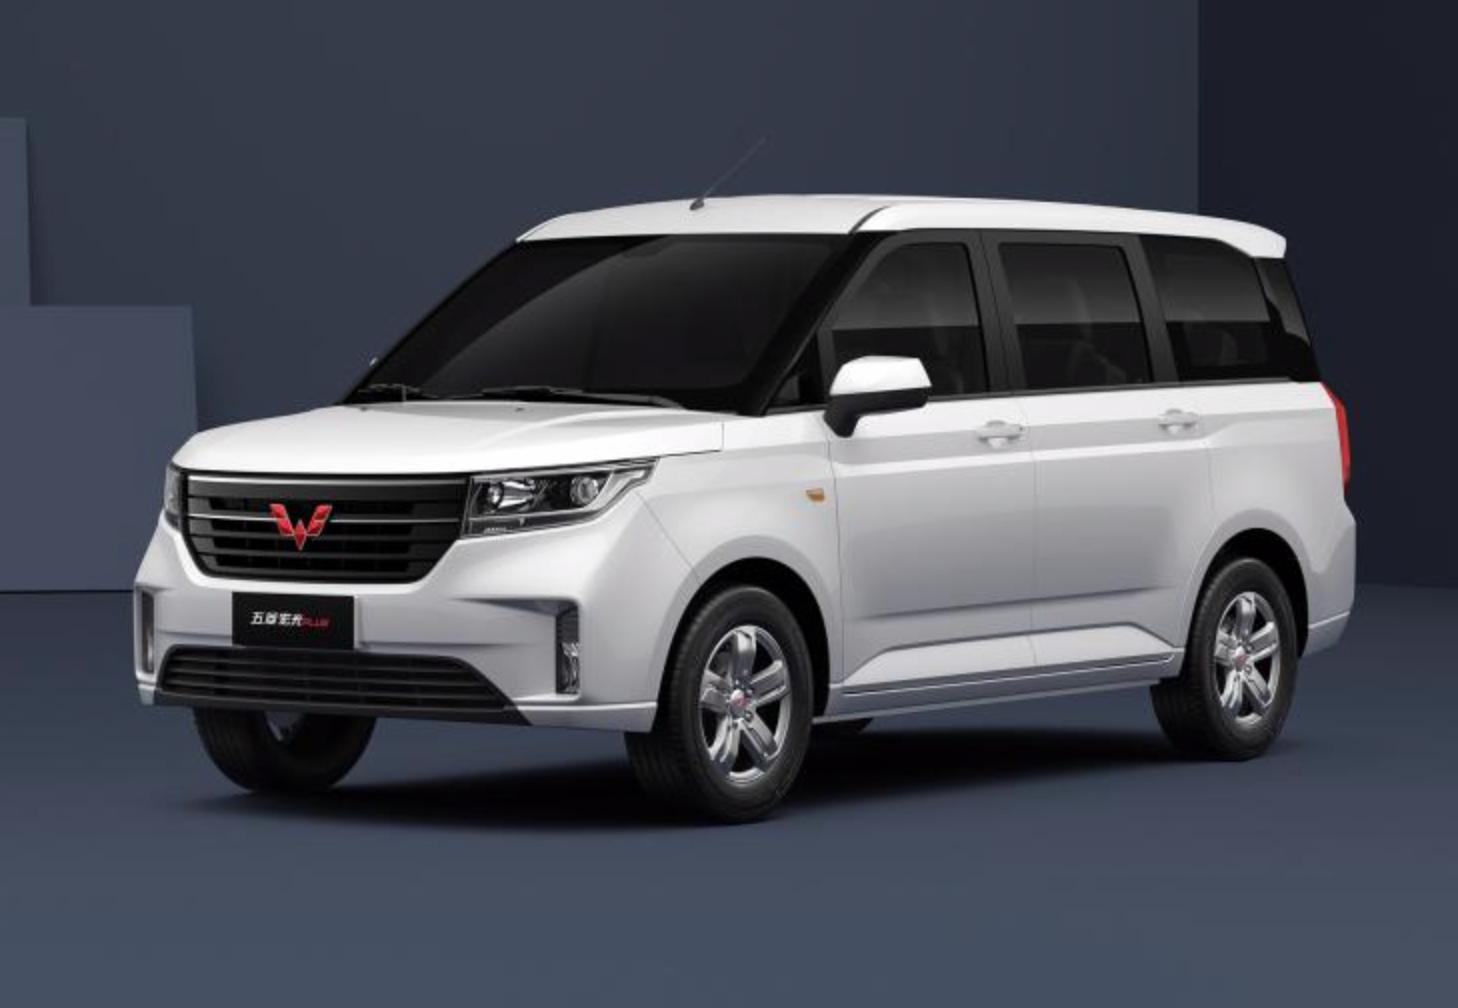 车价查询:五菱宏光PLUS官图曝光 新车预计10月上市